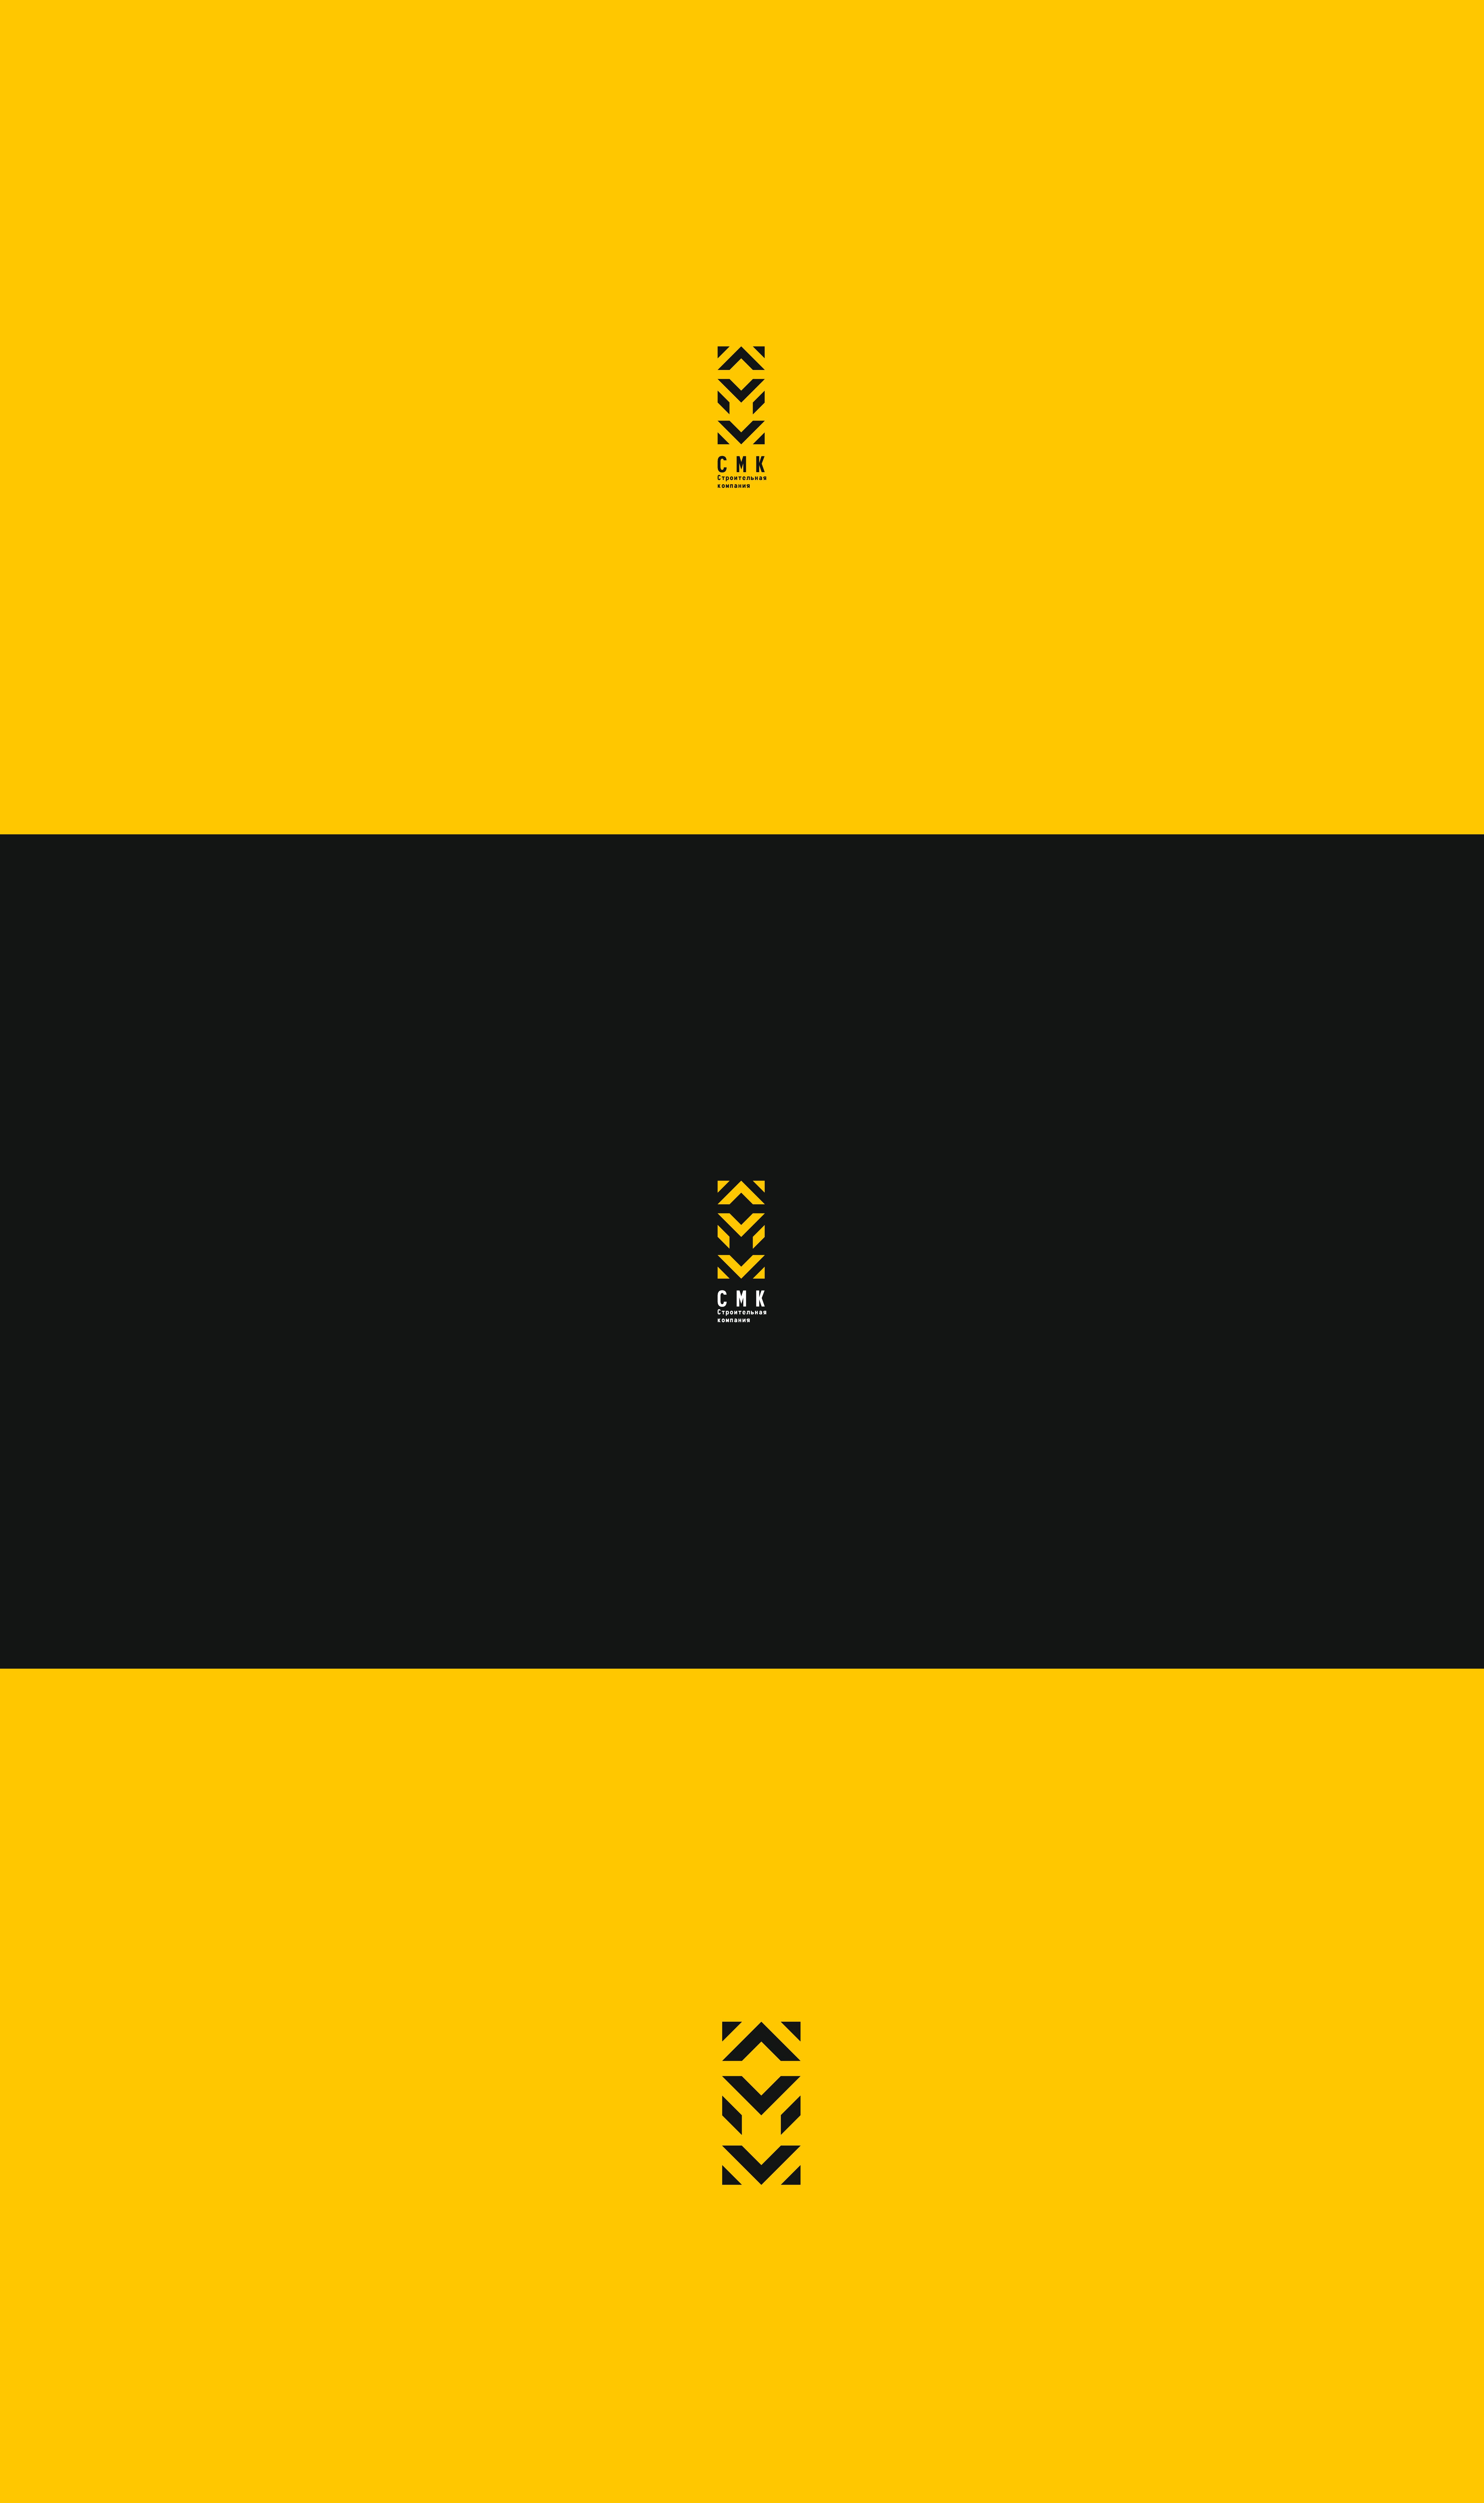 Разработка логотипа компании фото f_4505dda3c8b4ac40.png